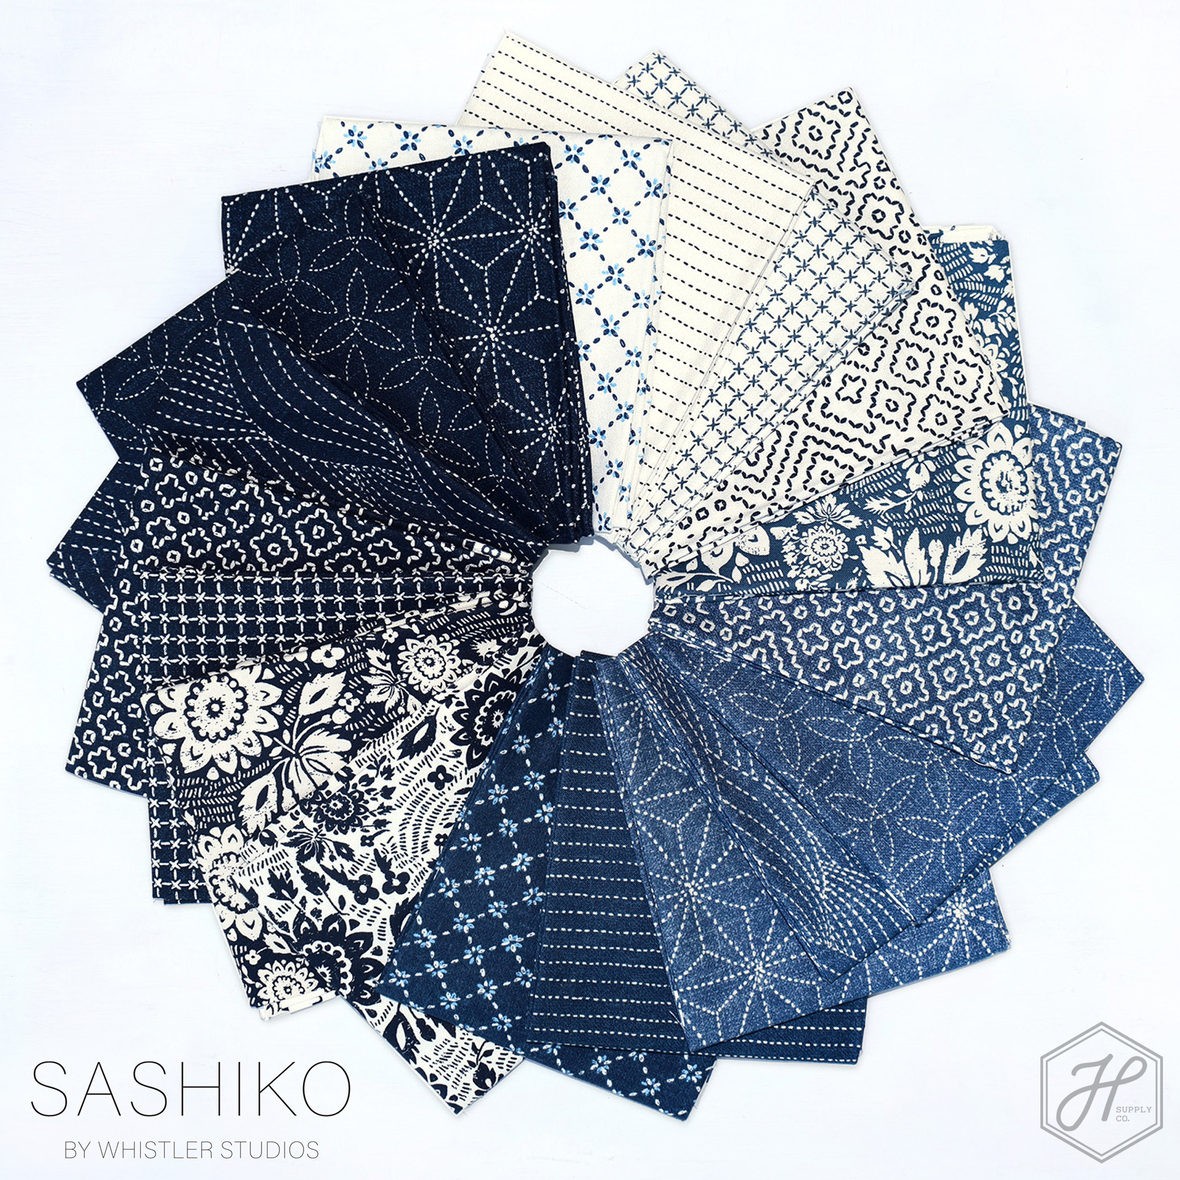 Sashiko fabric poster